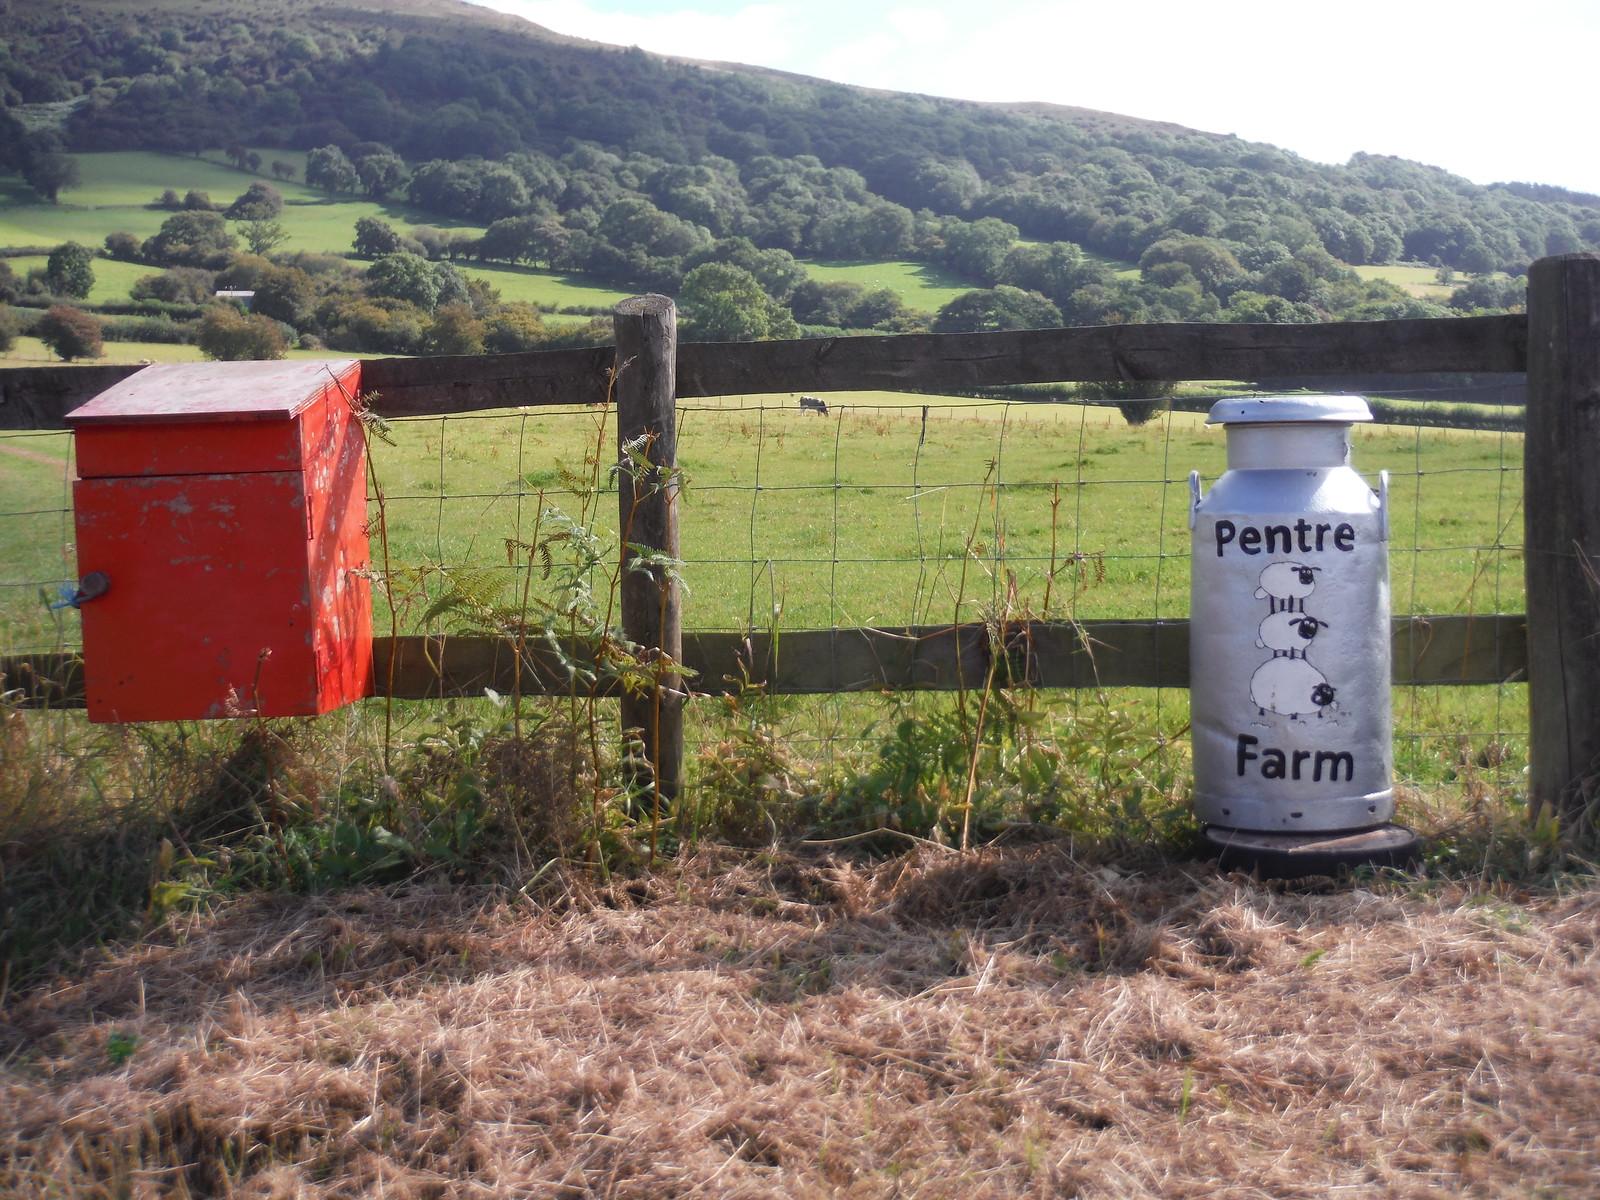 Pentre Farm Postbox, Ysgyryd Fawr in background SWC Walk 347 - Llanvihangel Crucorney Circular (via Bryn Arw and The Skirrid)